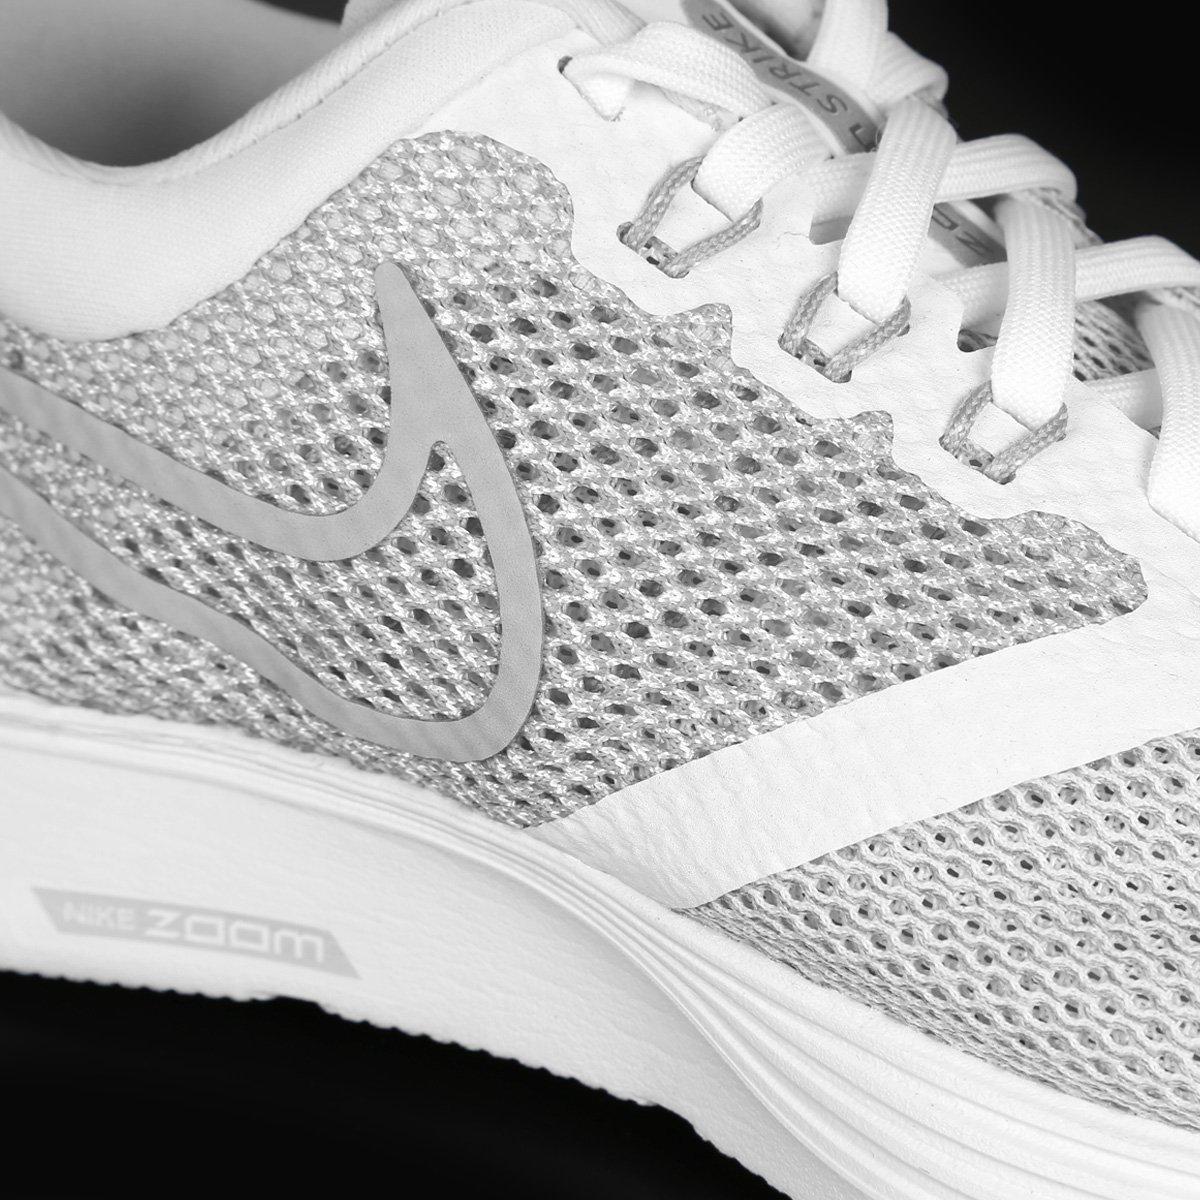 670d1f7883 Tênis Nike Zoom Strike Feminino - Branco e Cinza - Compre Agora ...